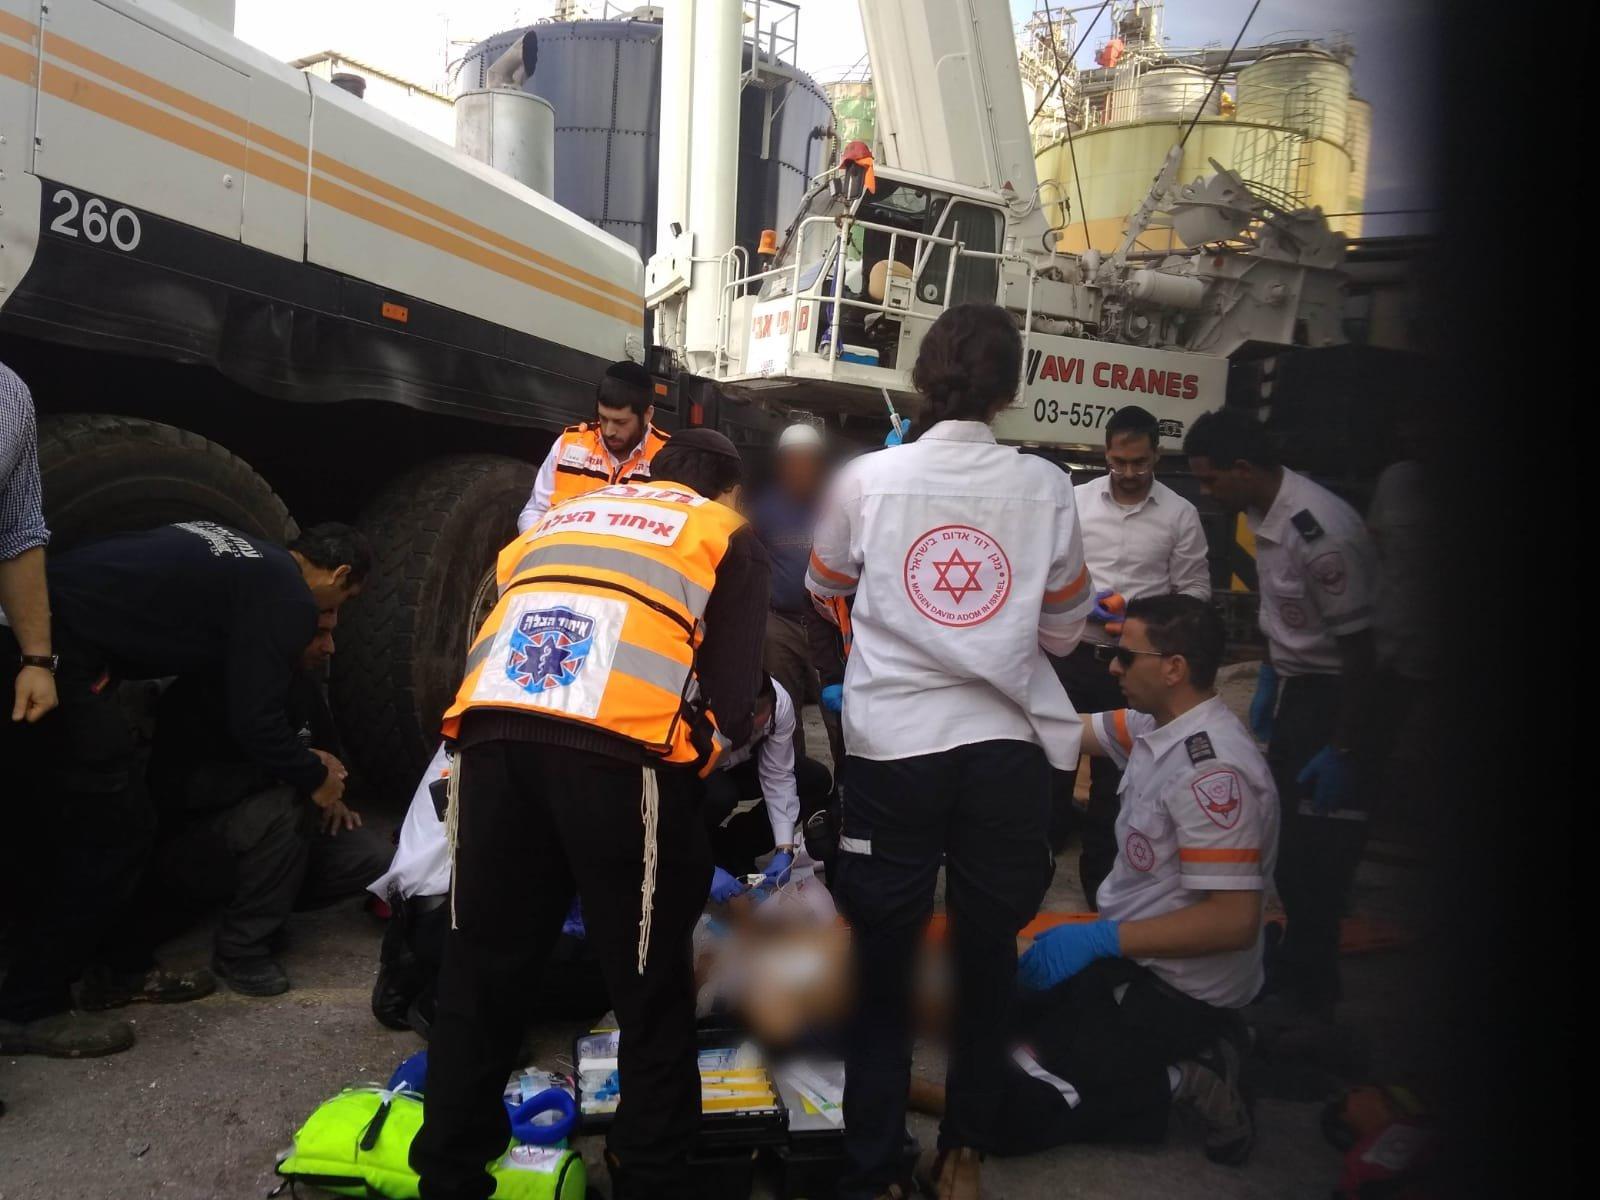 תאונת עבודה: נפל מגובה 12 מטרים. צילום: דוברות איחוד הצלה